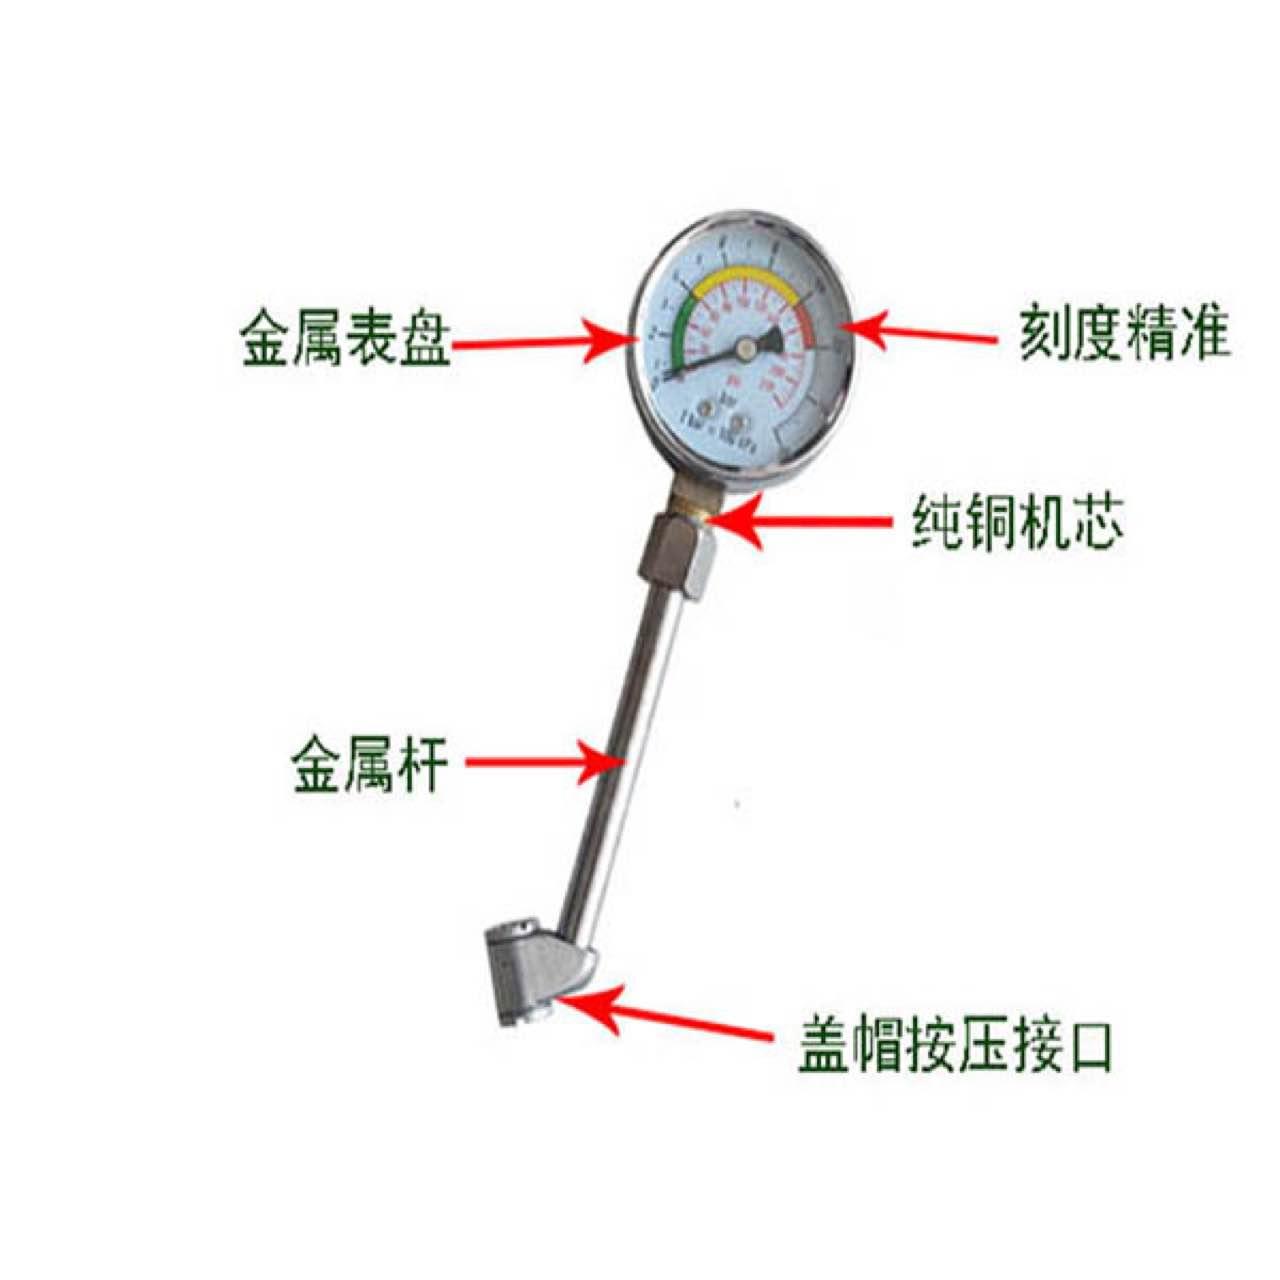 建龙汽保工具轮胎压力表胎压枪打气枪充气枪气压表加气压力枪